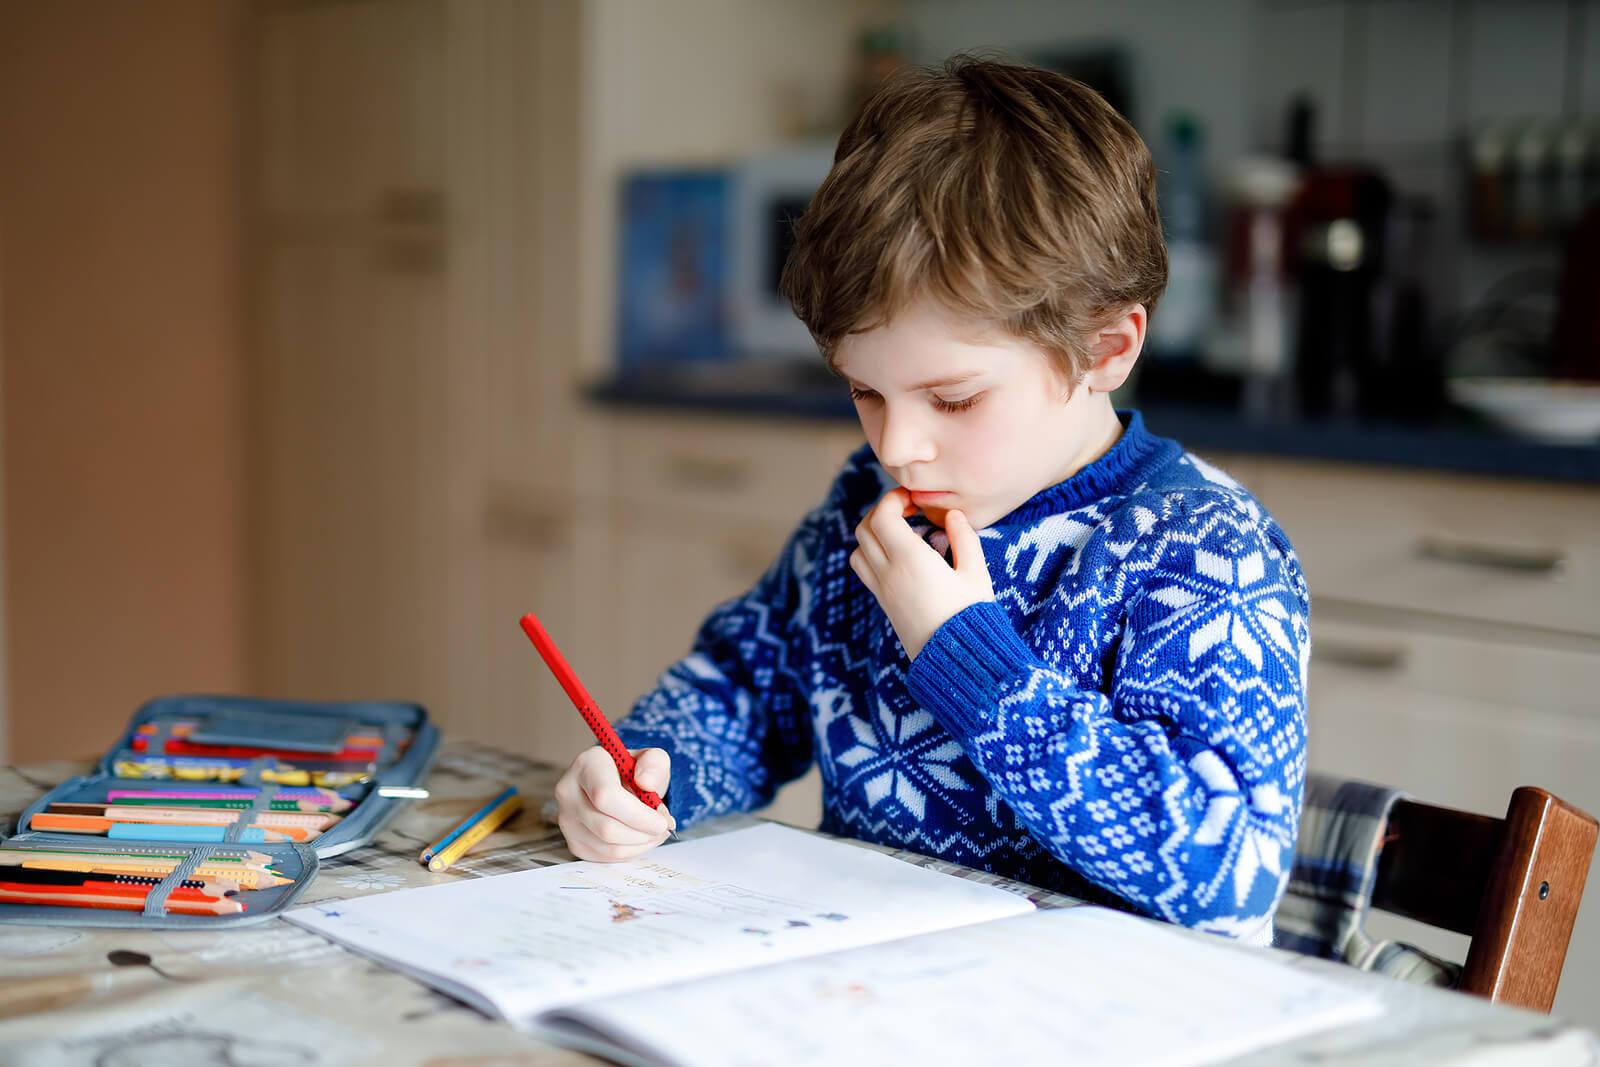 Niño haciendo deberes en casa.